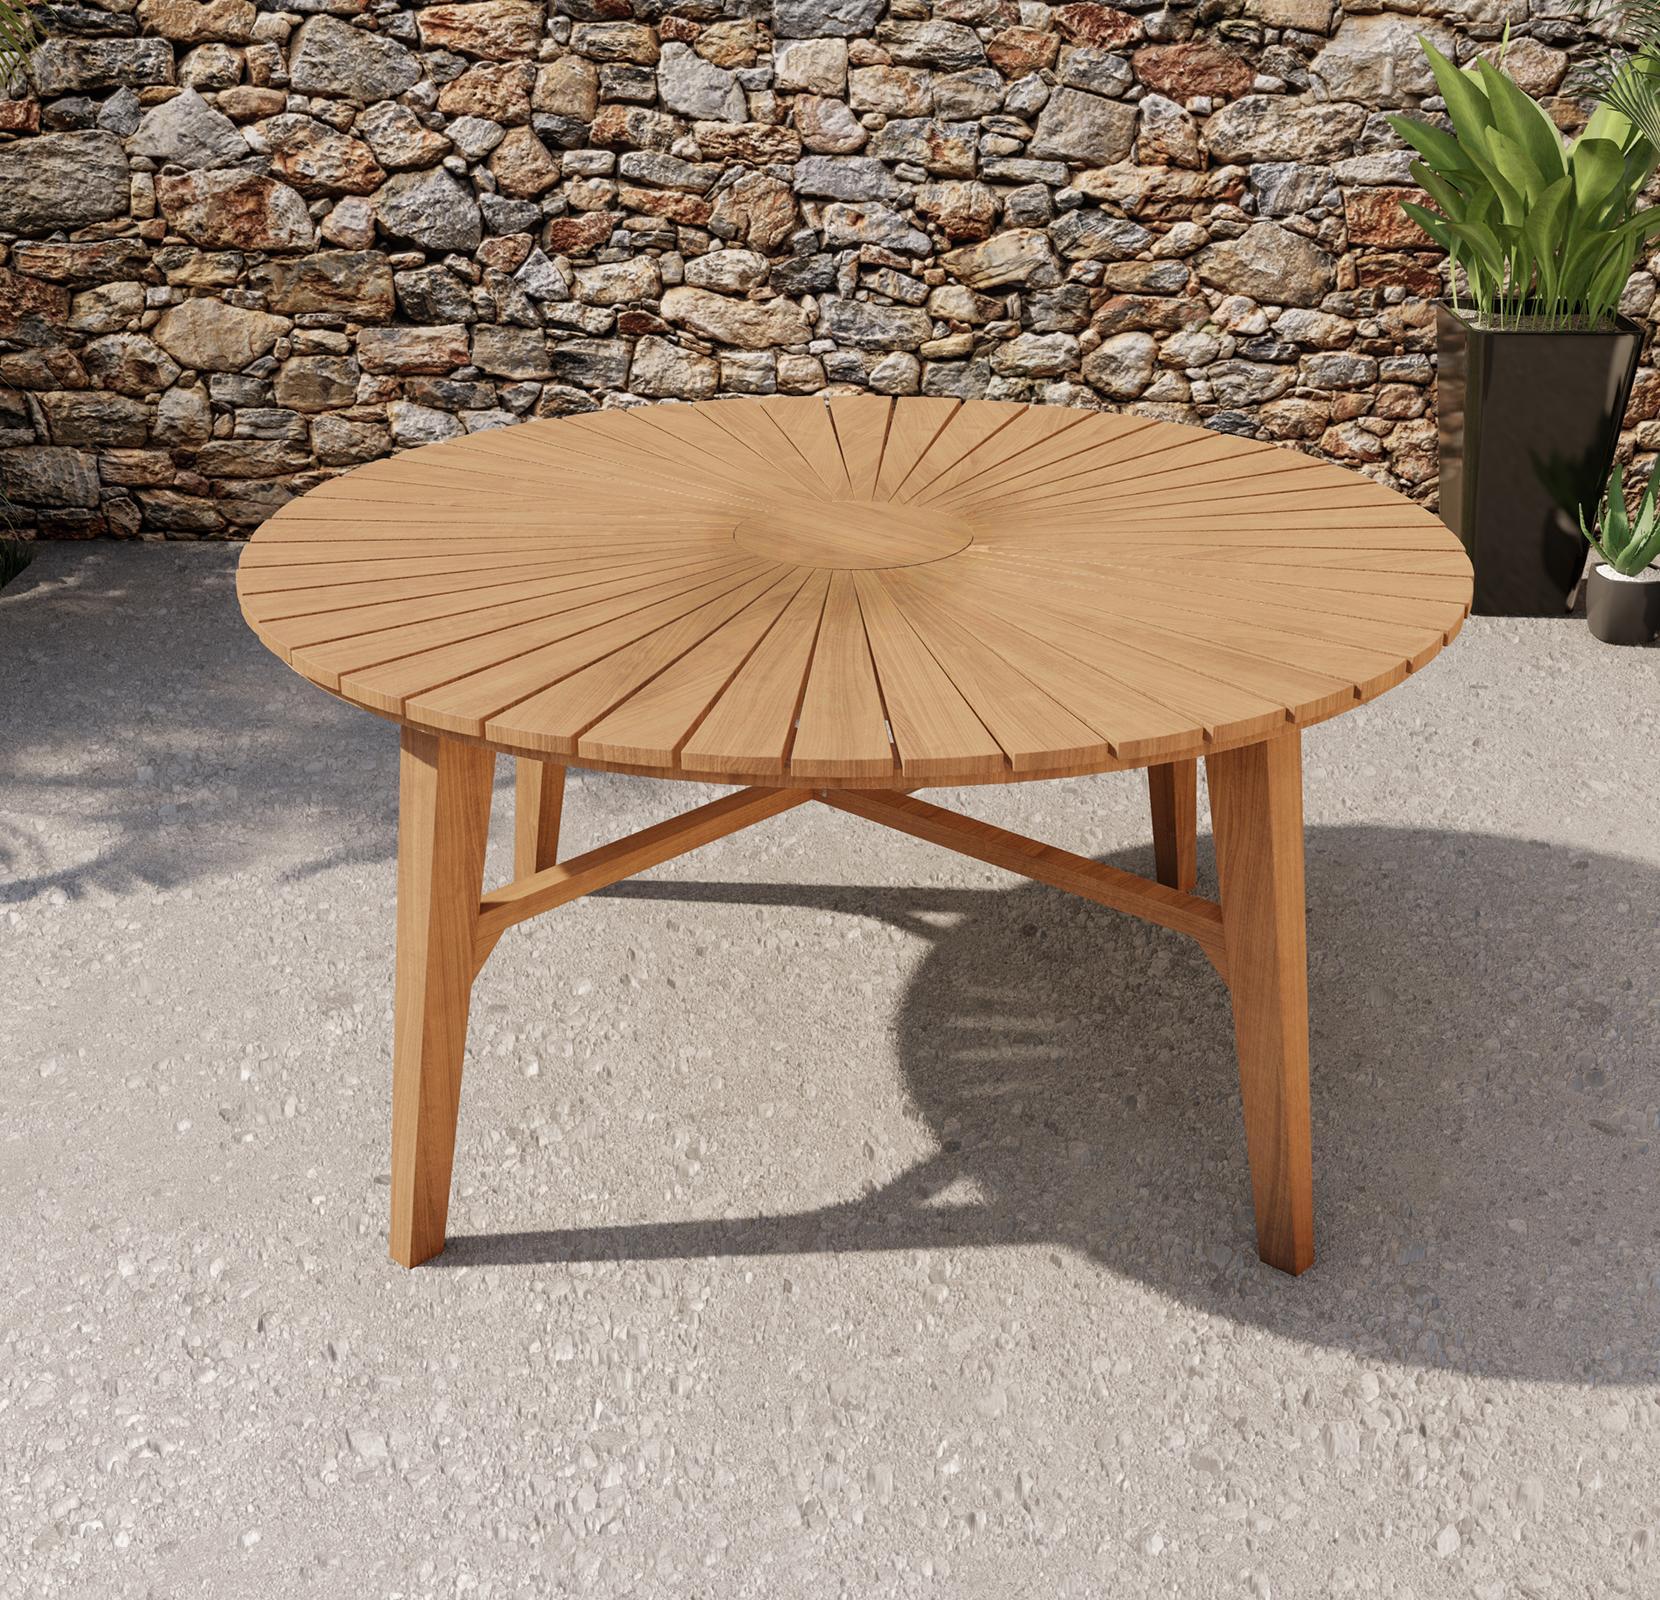 Tavolo da esterno in legno di teak da 150 cm tondo per ...